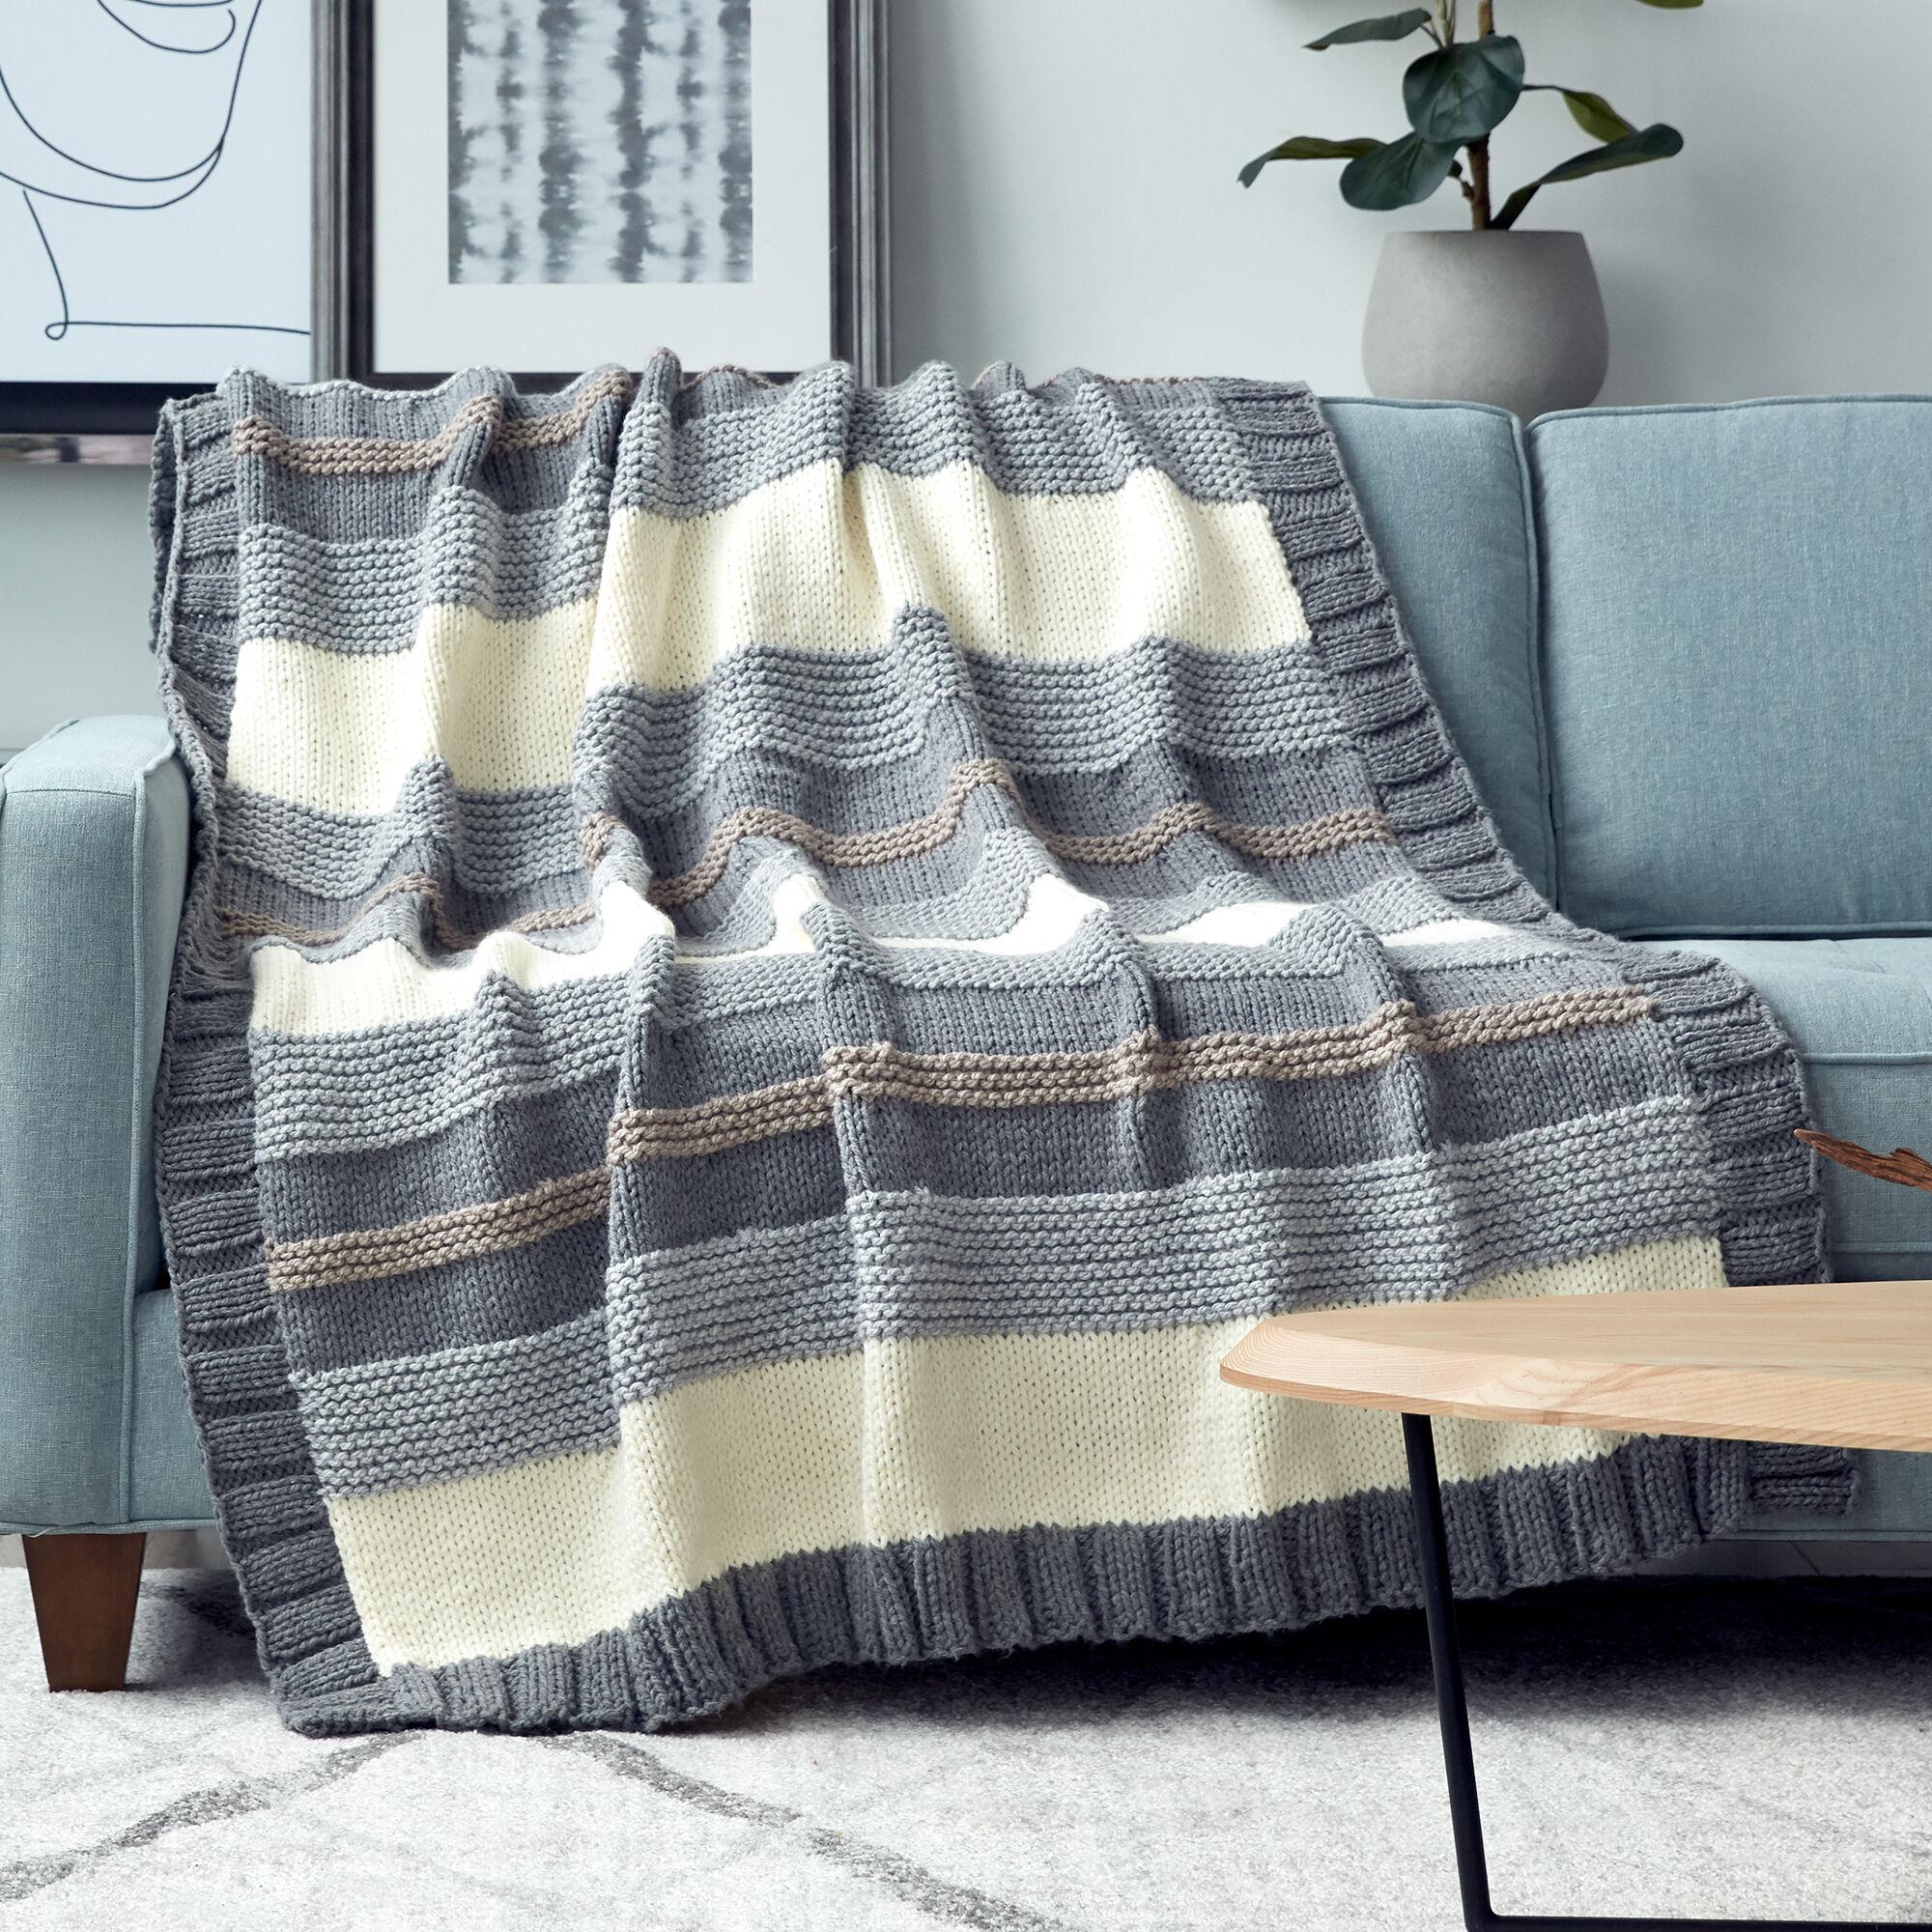 Knitting Patterns Galore - Simple Stripe Blanket